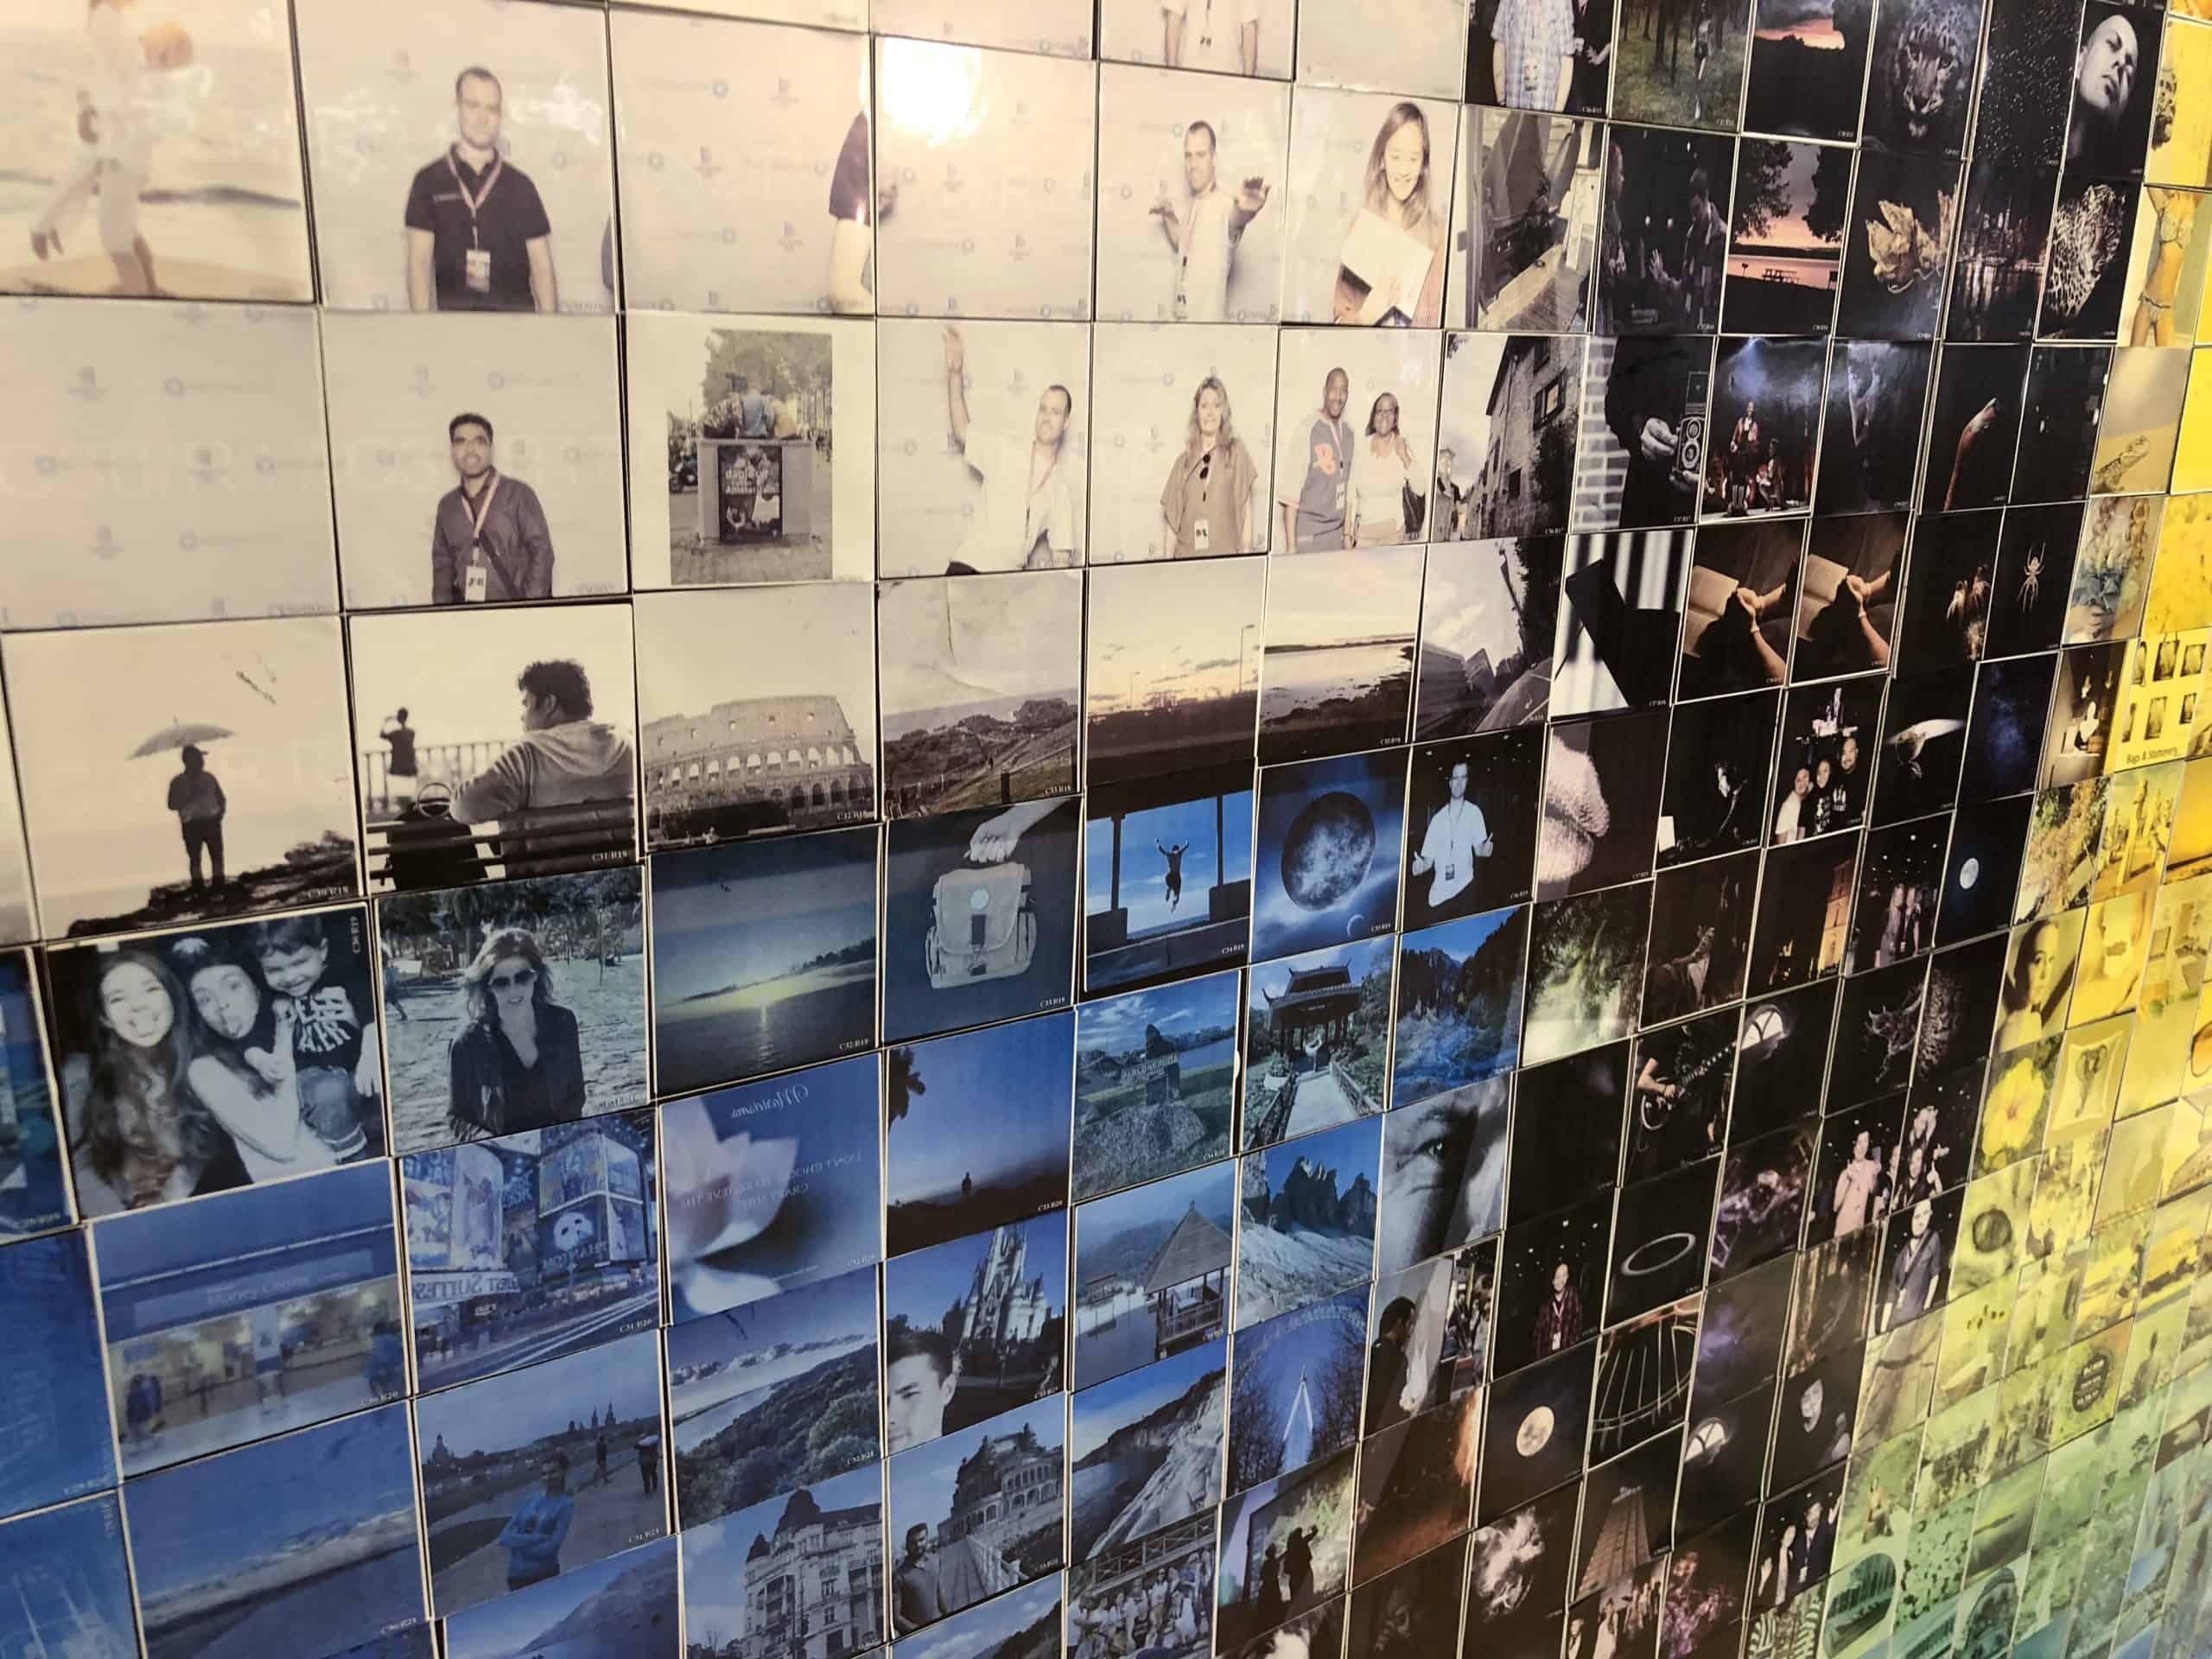 Photo Mosaic Wall Rentals